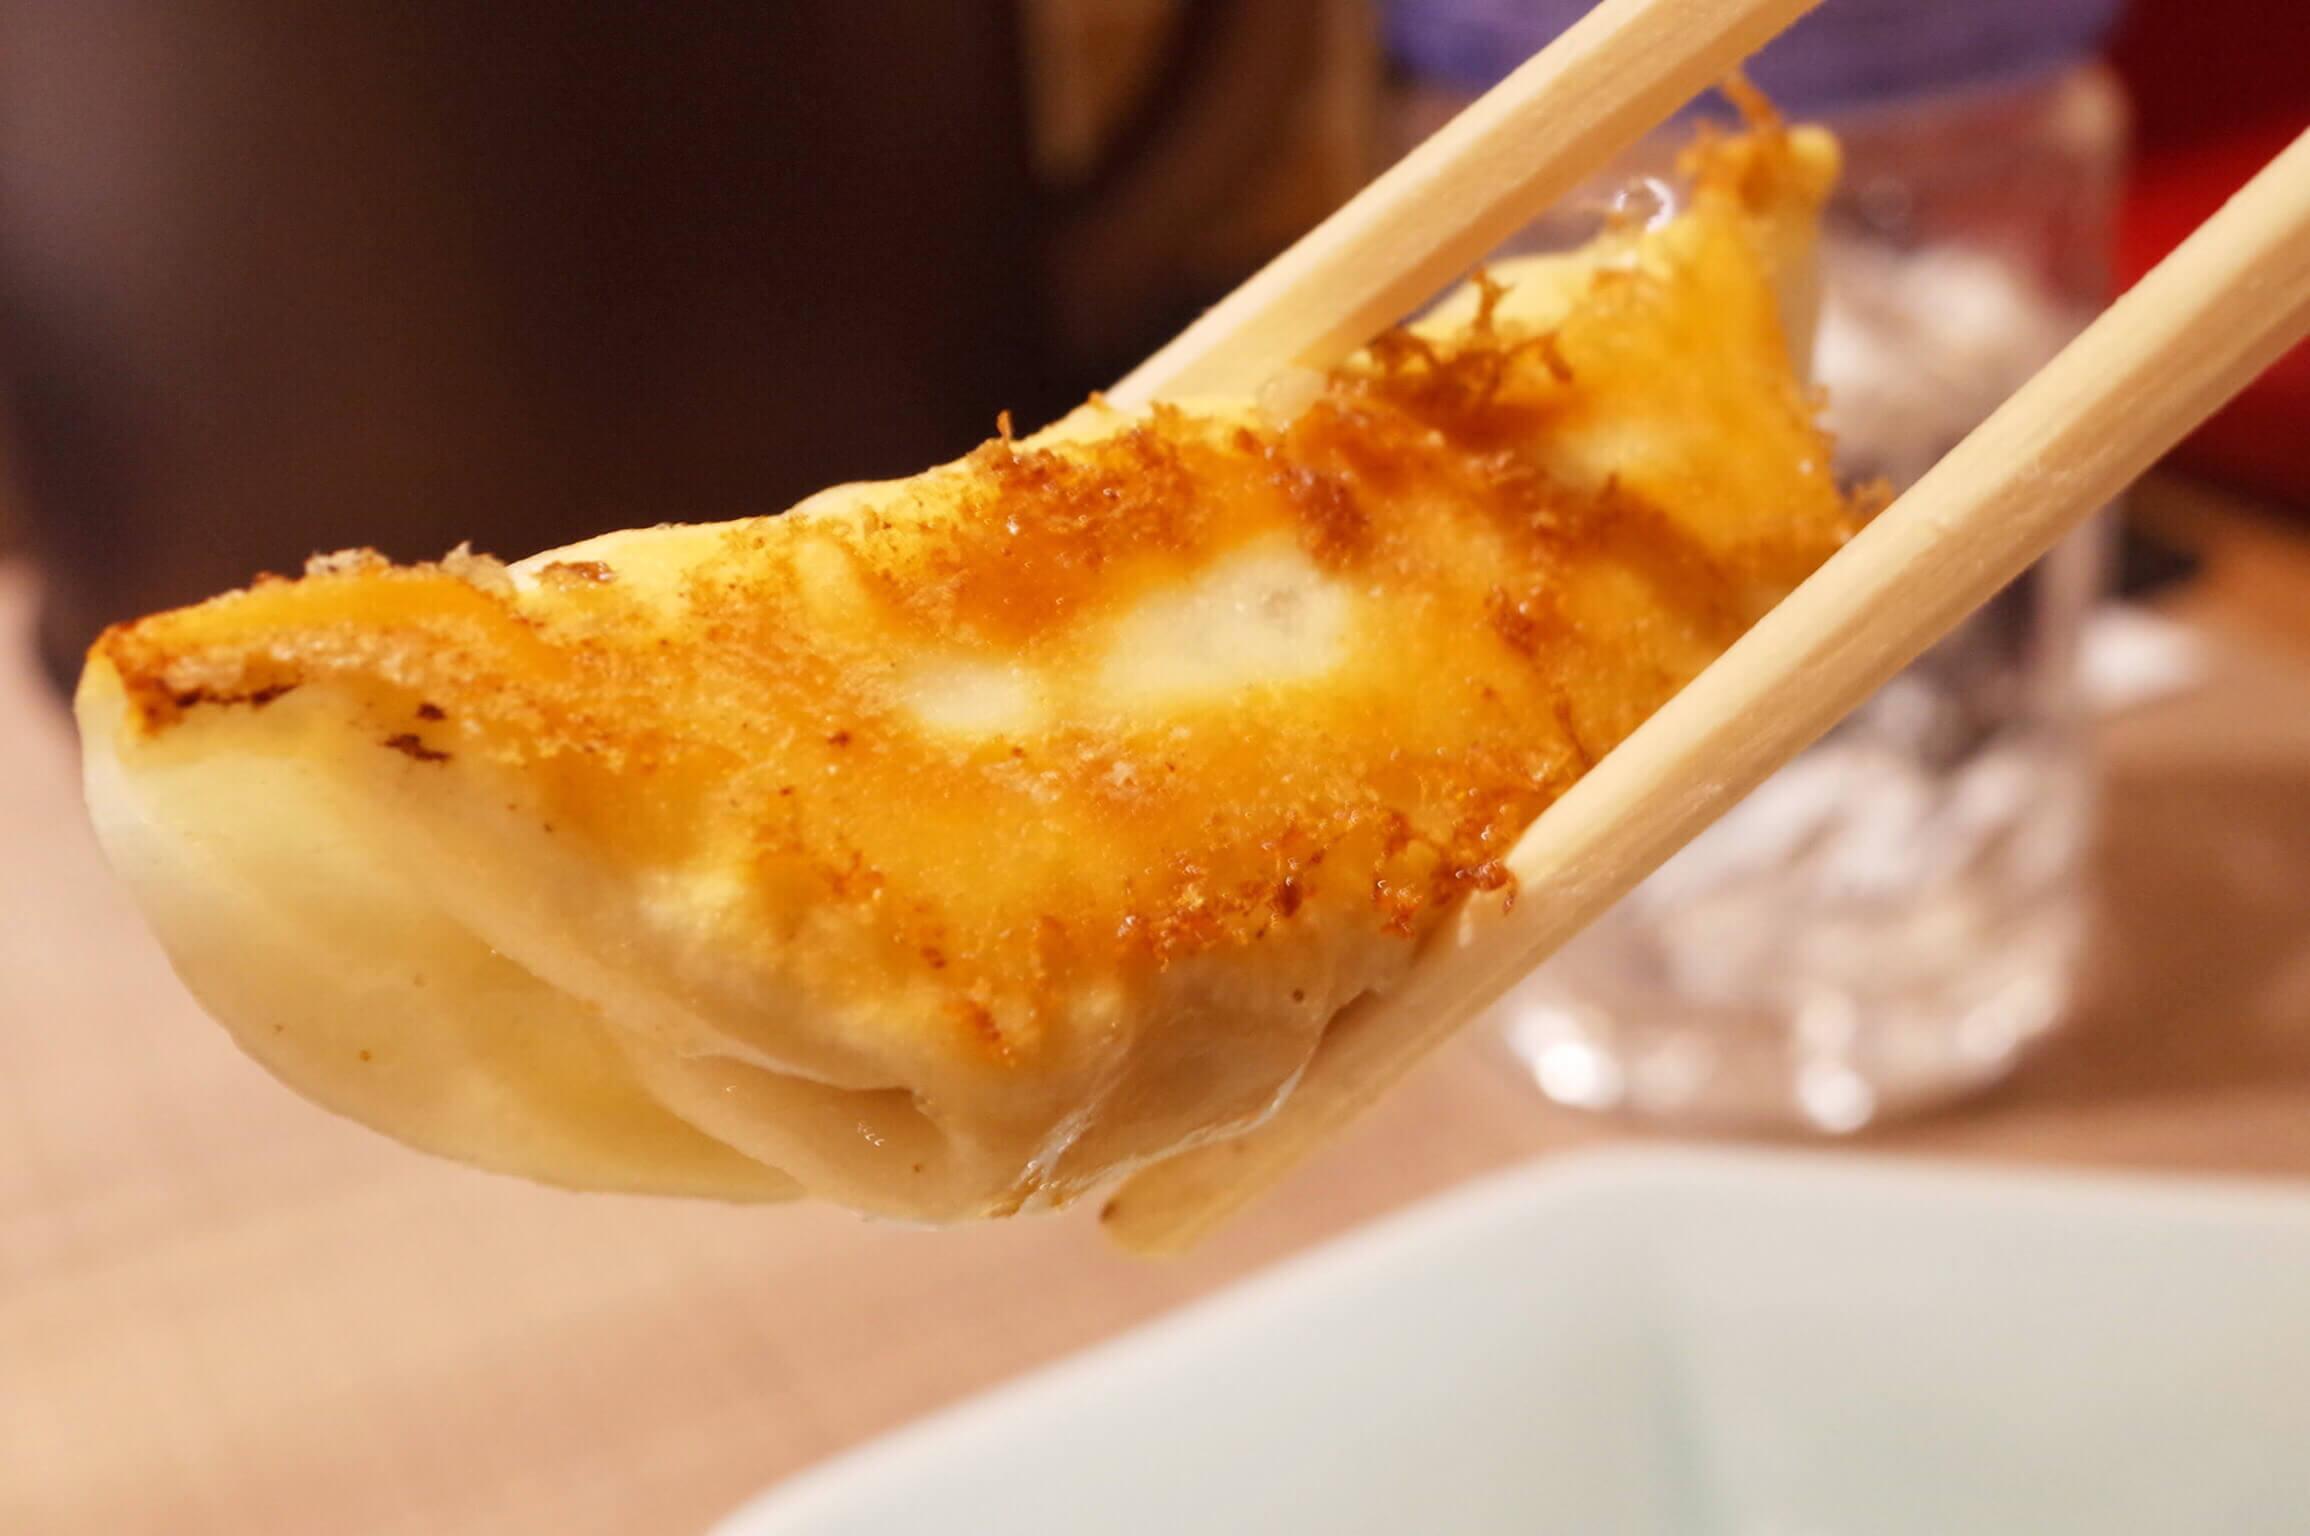 宇都宮みんみん | 駅近で美味しい餃子を並ばないで食べられる穴場 宇都宮人気No.1はやはりうまかった!